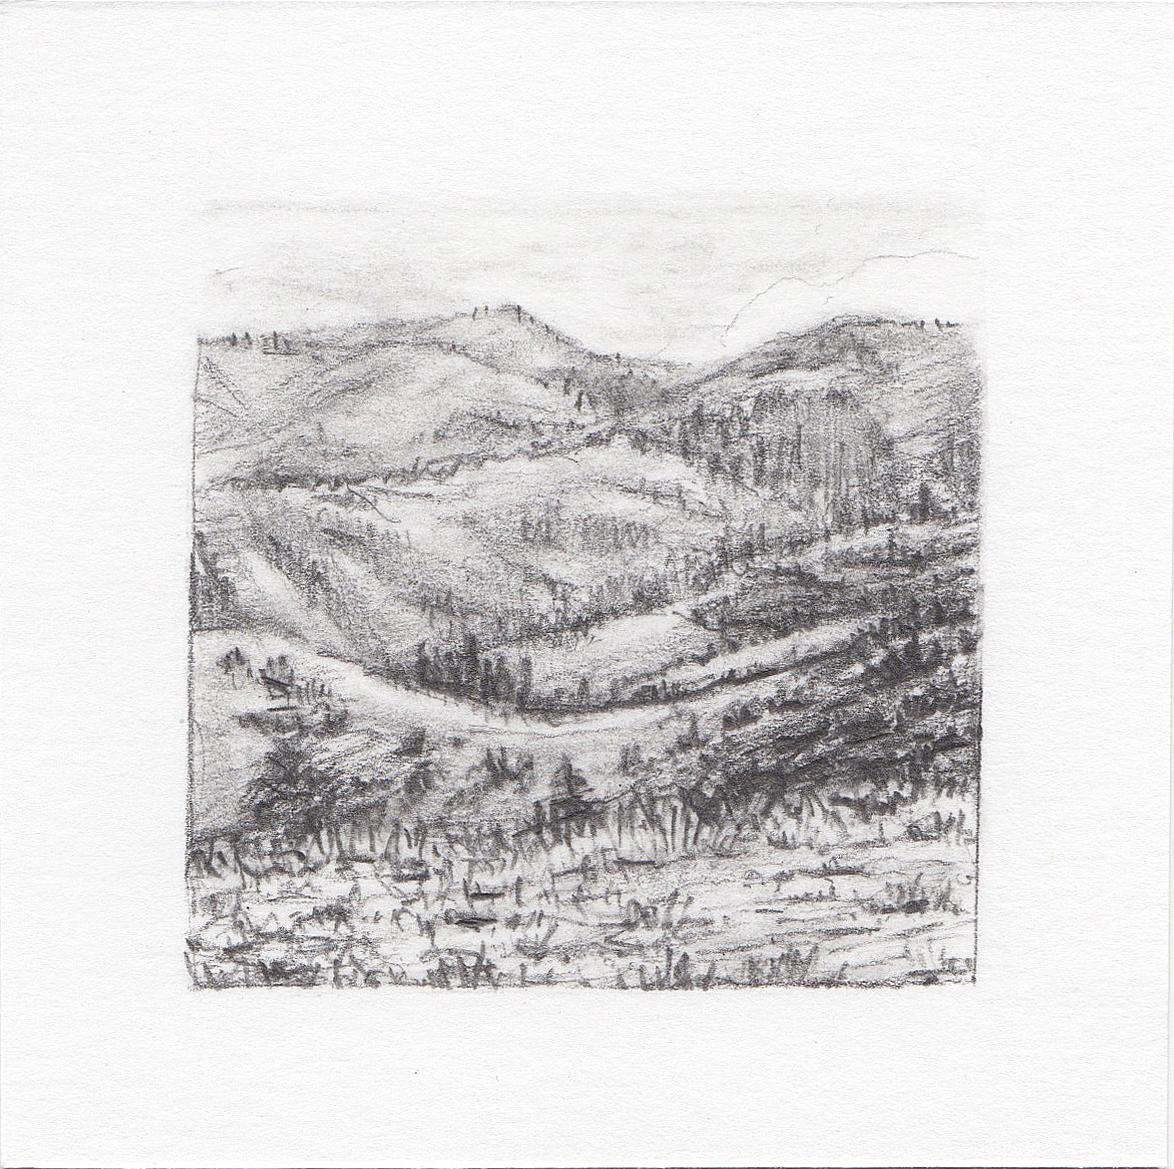 #2 Mount Timpanogos Trail, Utah 3x3 | graphite